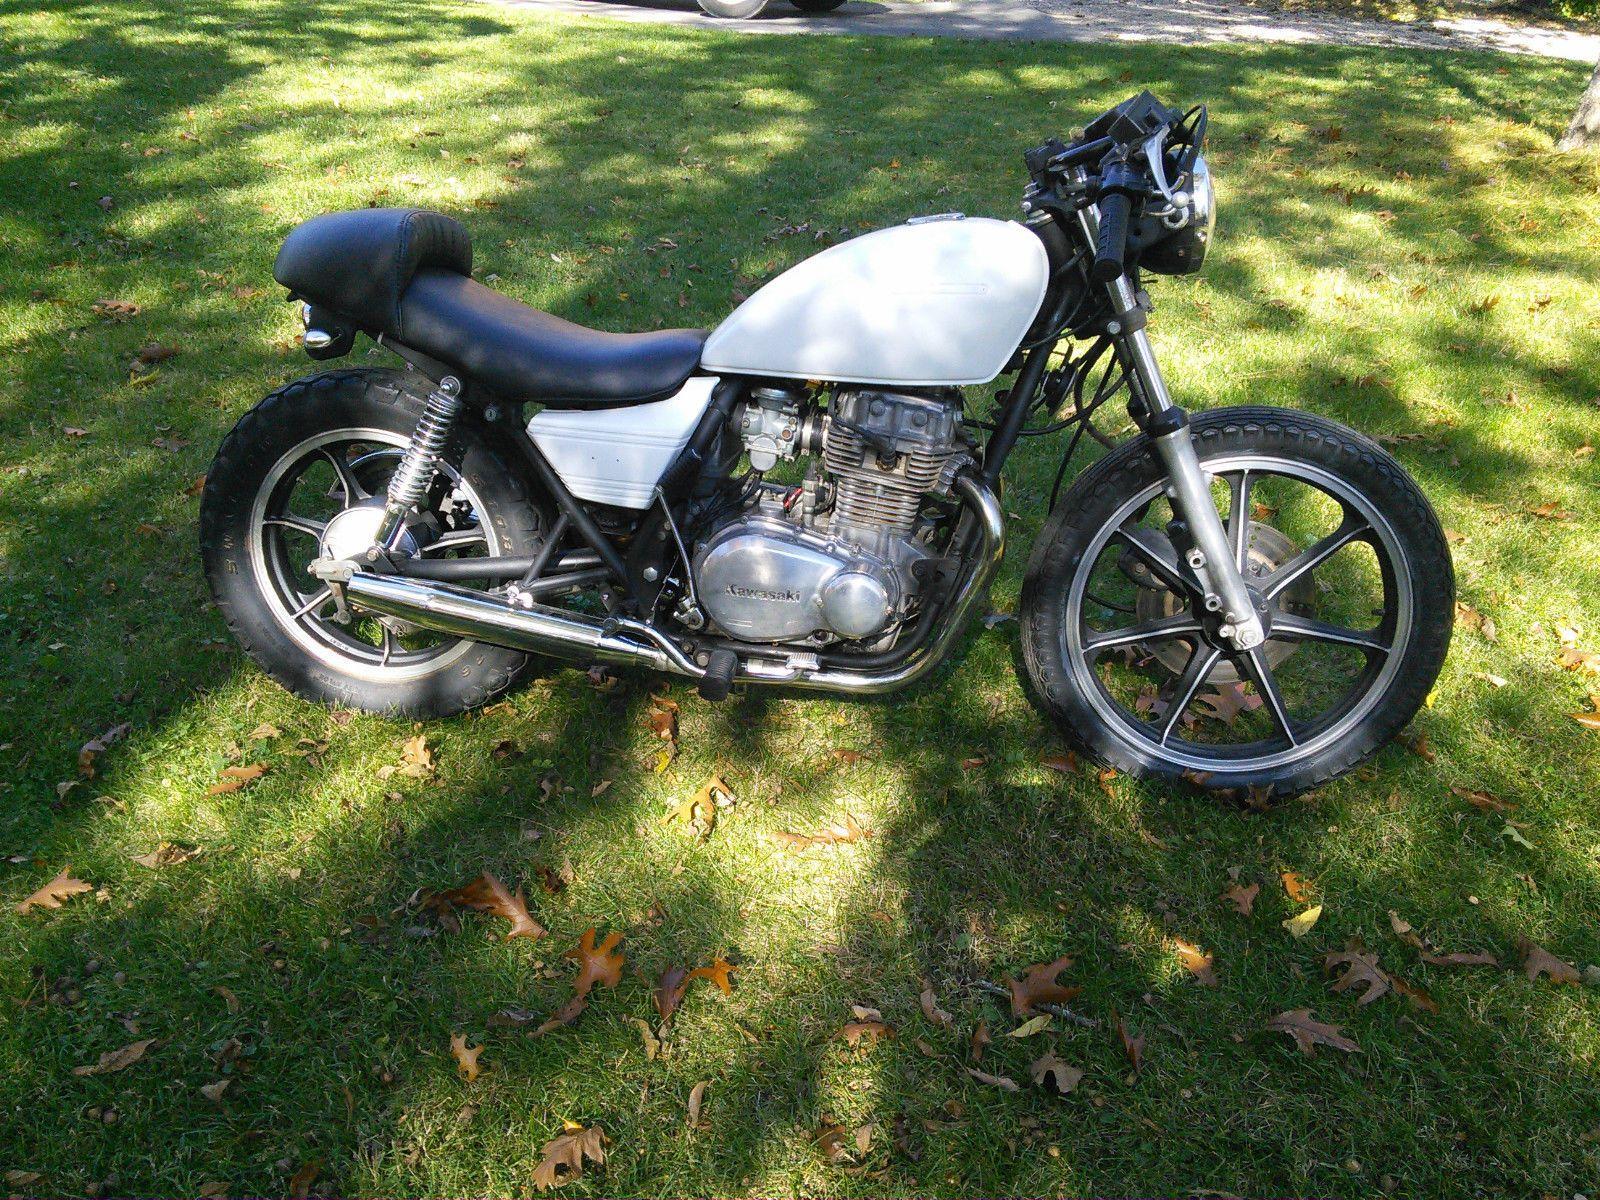 1979 Kawasaki Kz400 Cafe Racer For Sale